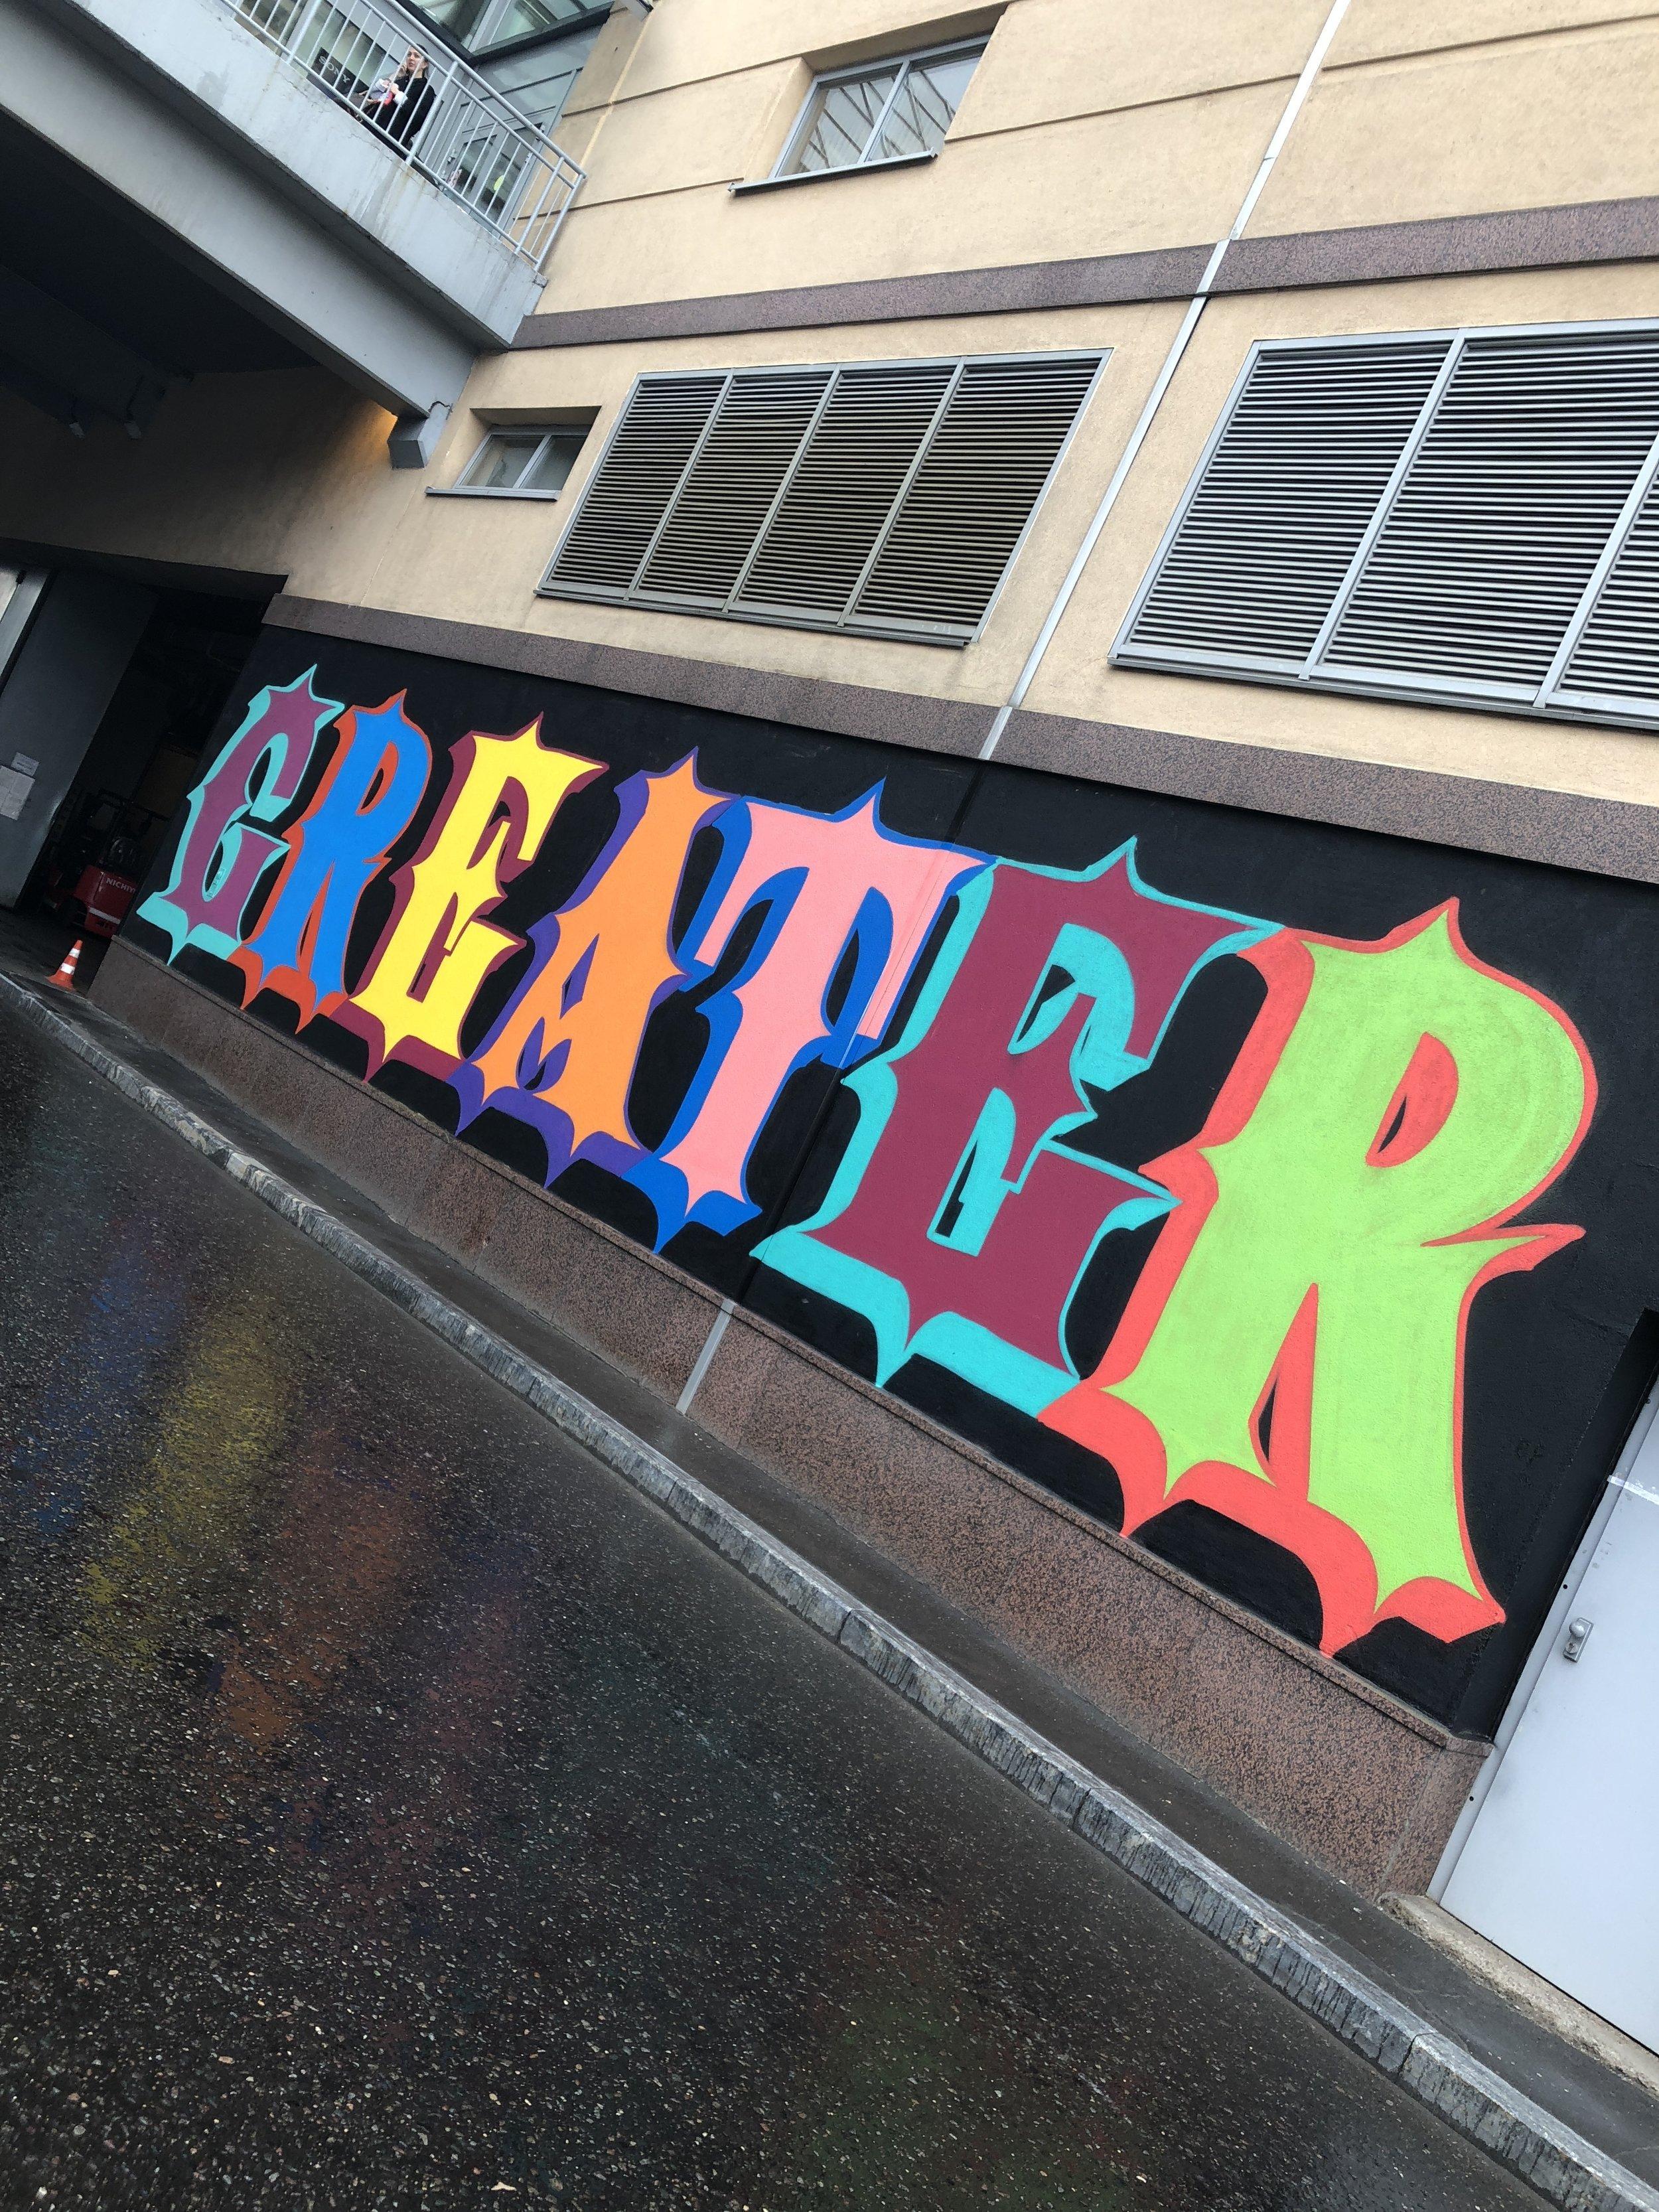 EINE_Greater copy.JPG